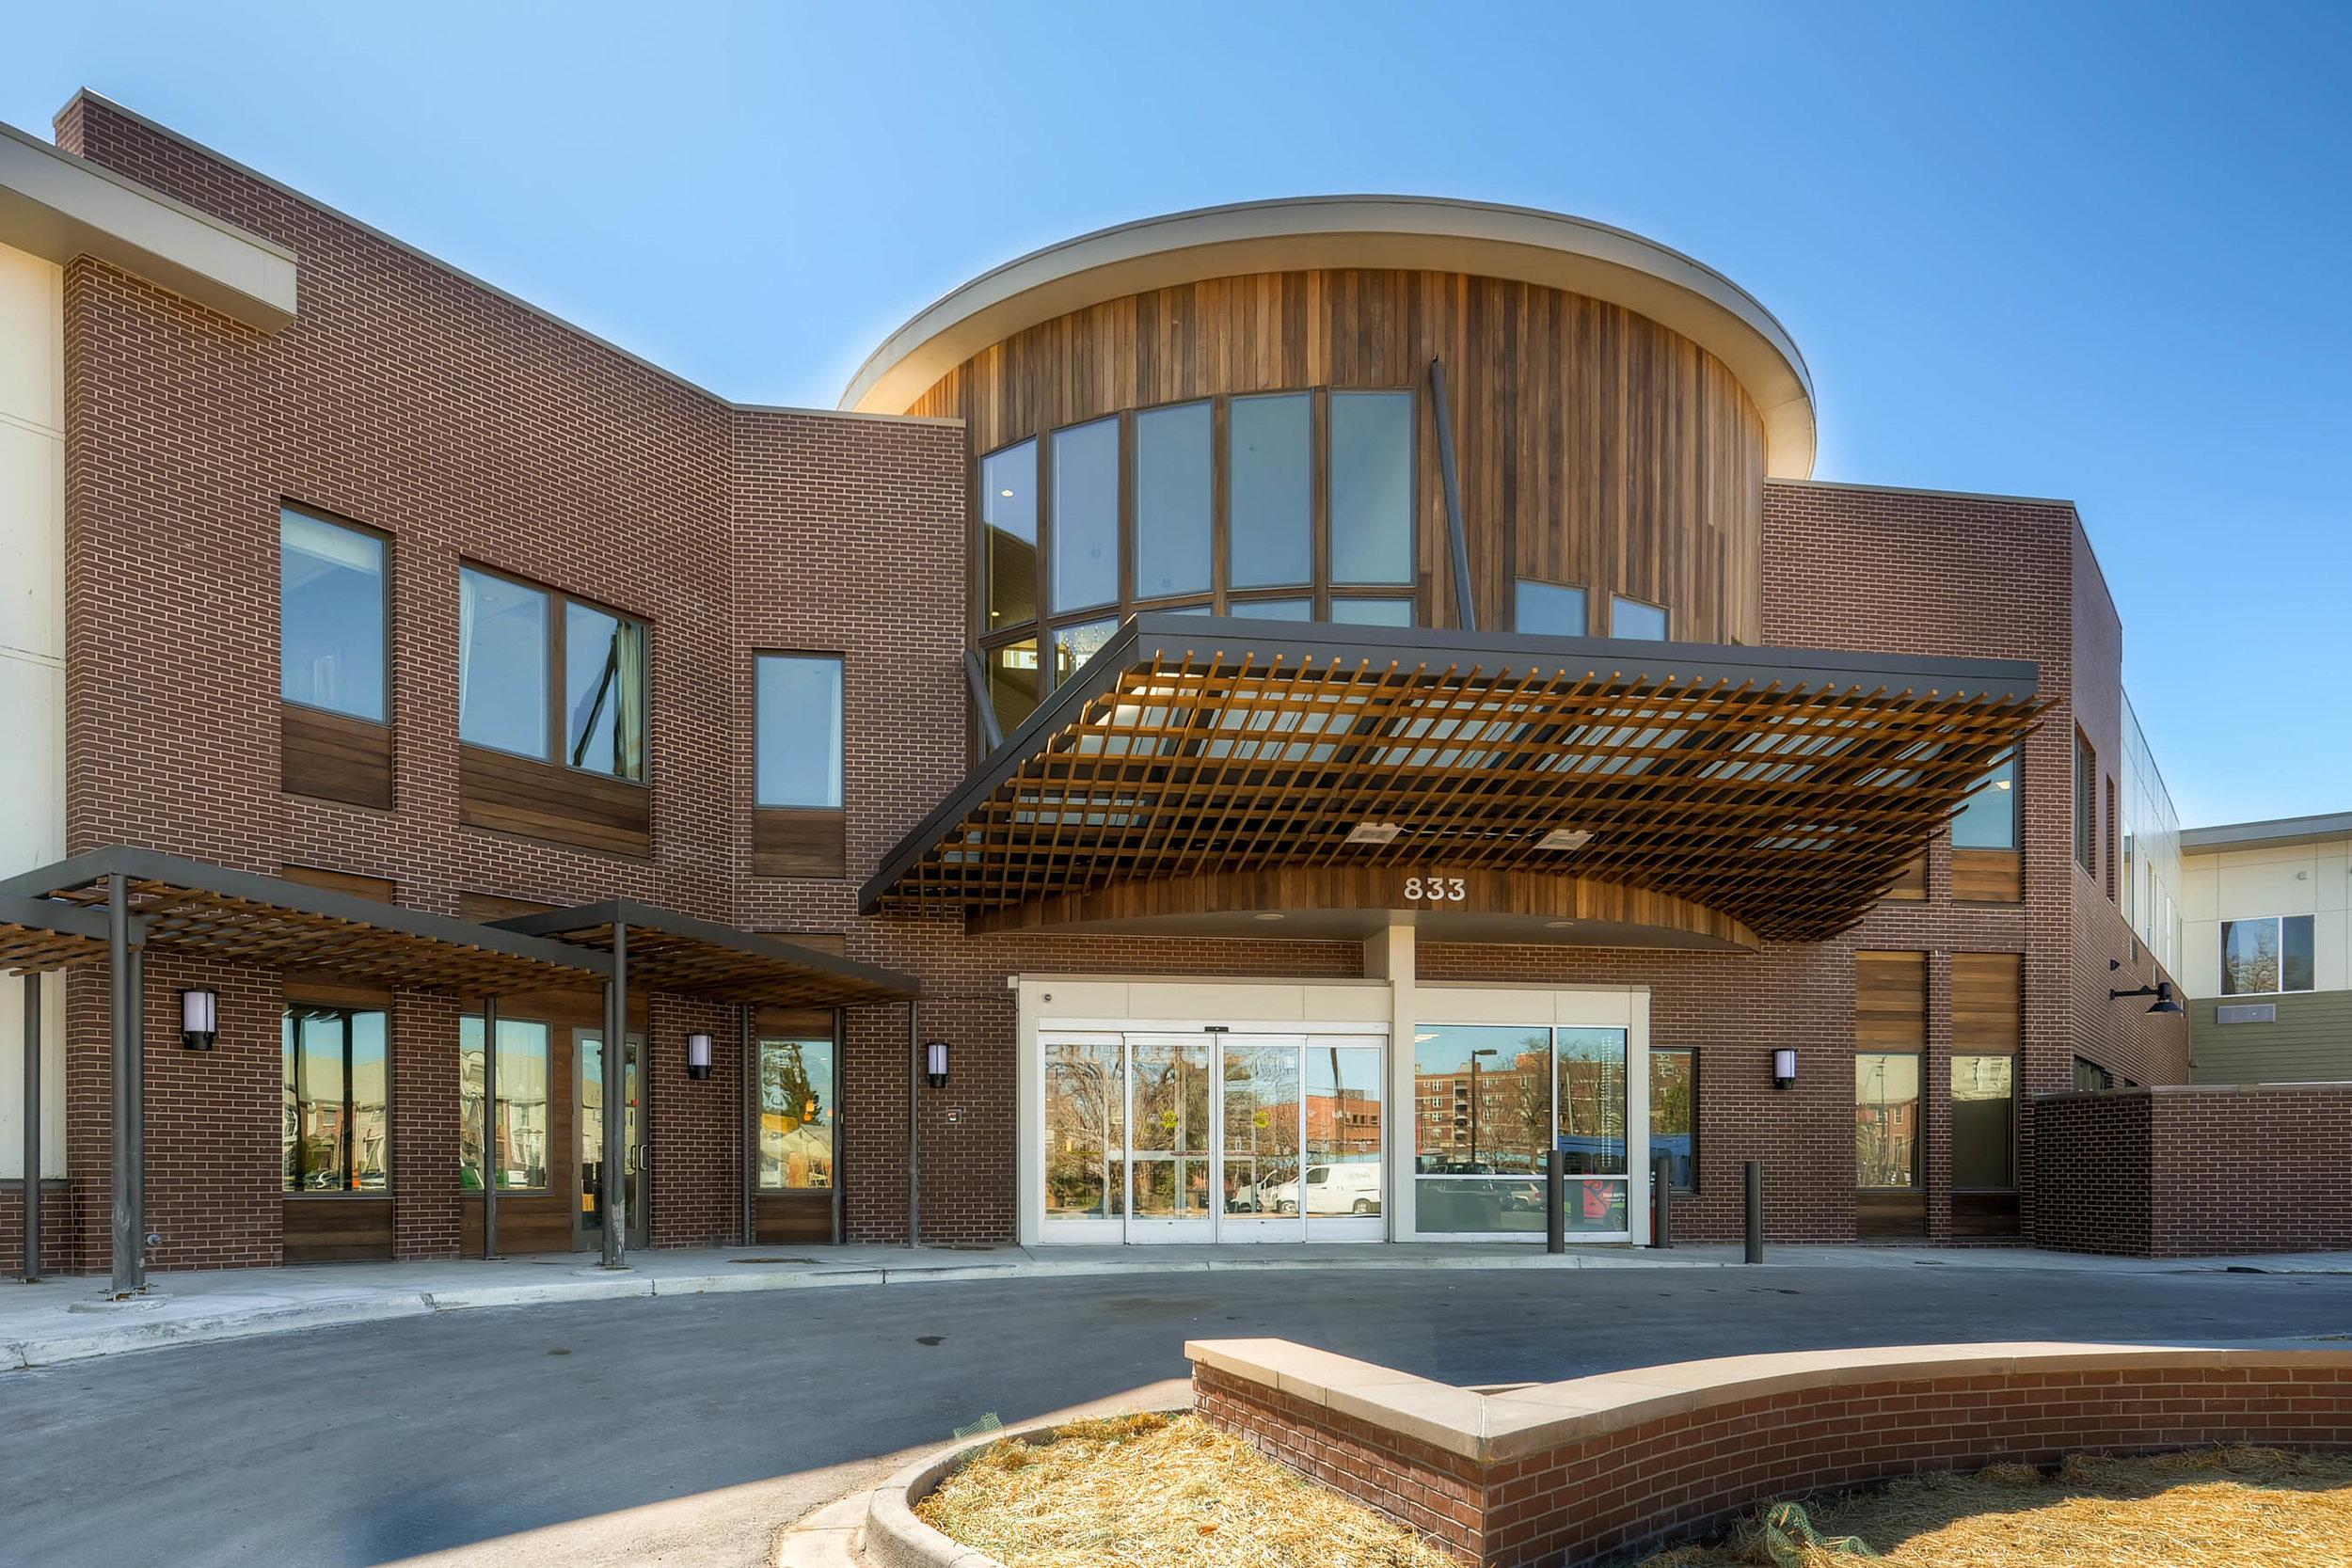 Rosemark at Mayfair - 2016 Senior Housing News Architecture & Design Award